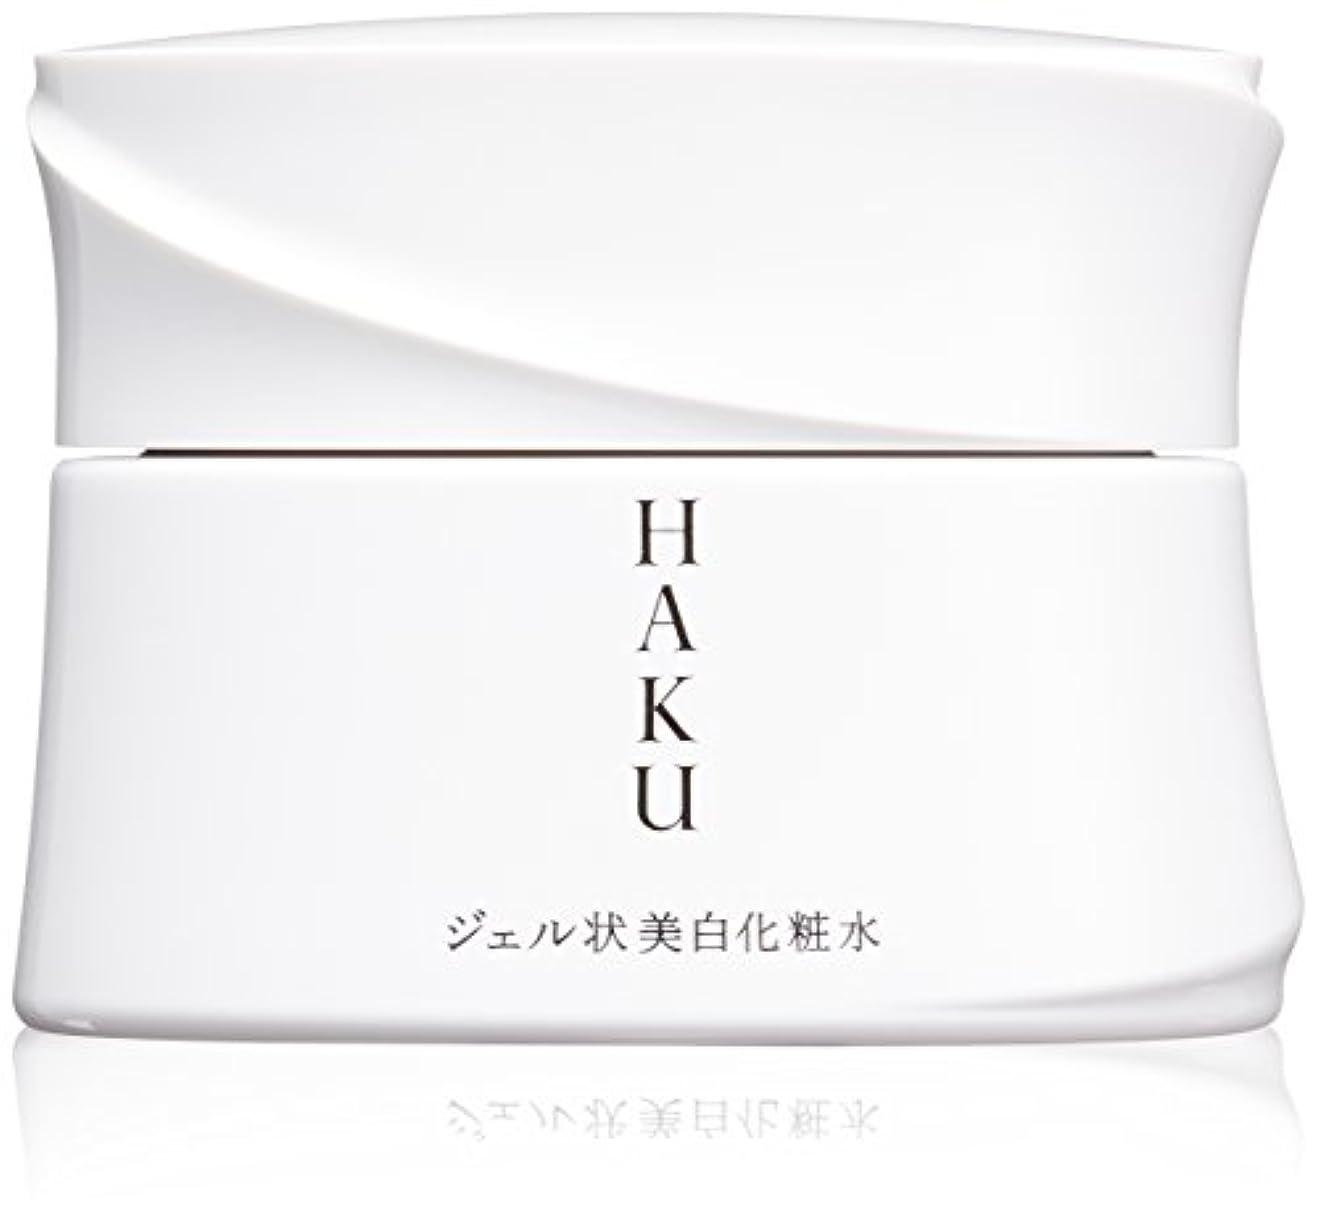 致命的なすずめはちみつHAKU メラノディープモイスチャー 美白化粧水 100g 【医薬部外品】